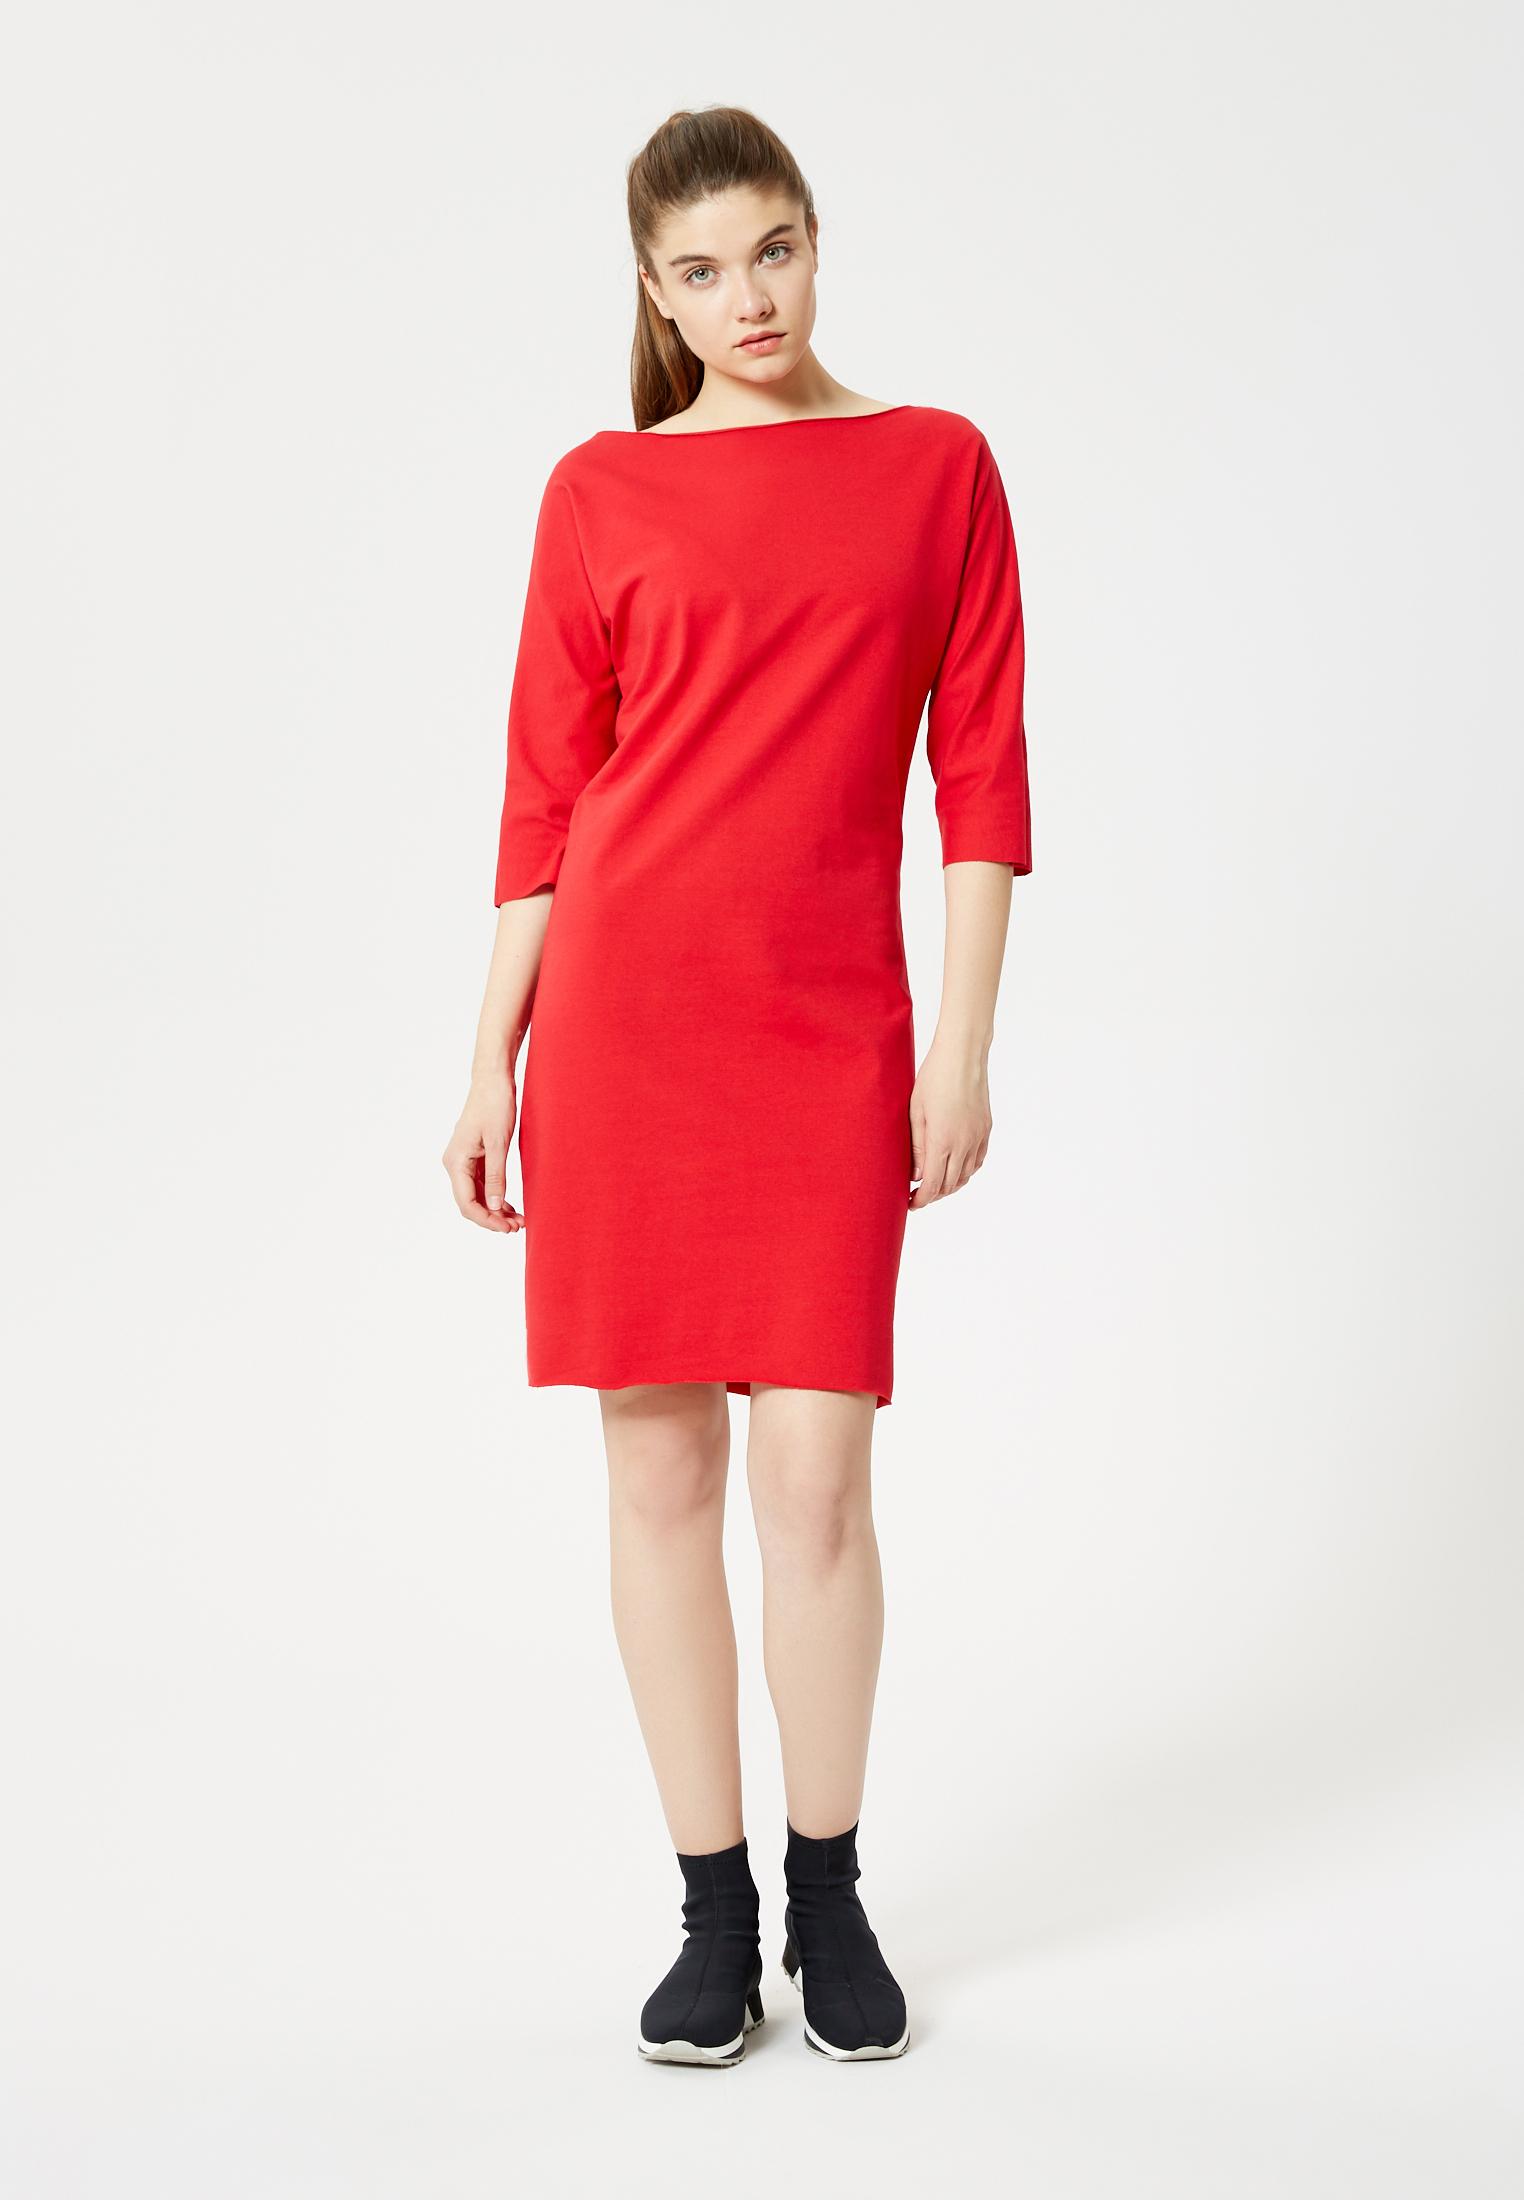 TALENCE Kleid in rot günstig kaufen